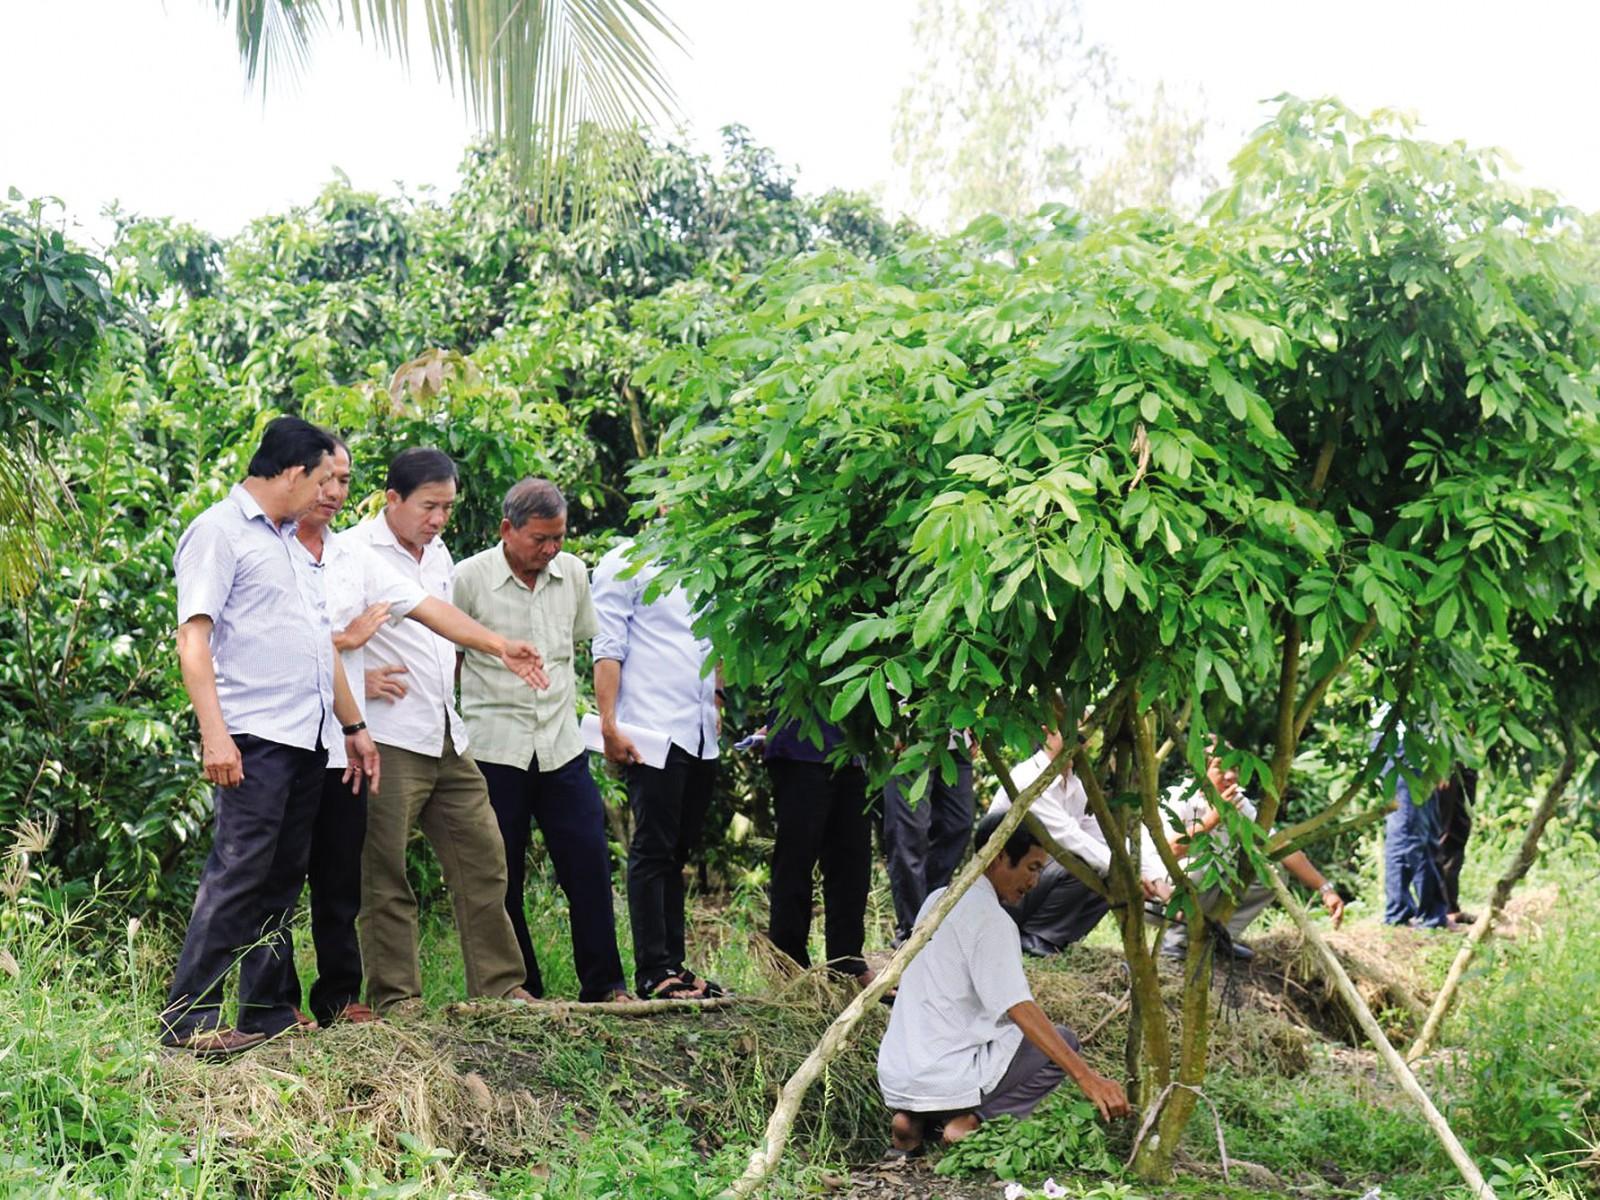 Nông dân tham quan mô hình trồng nhãn tại Hợp tác xã nhãn Thái Thanh ở ấp 3, xã Thới Hưng, huyện Cờ Đỏ.